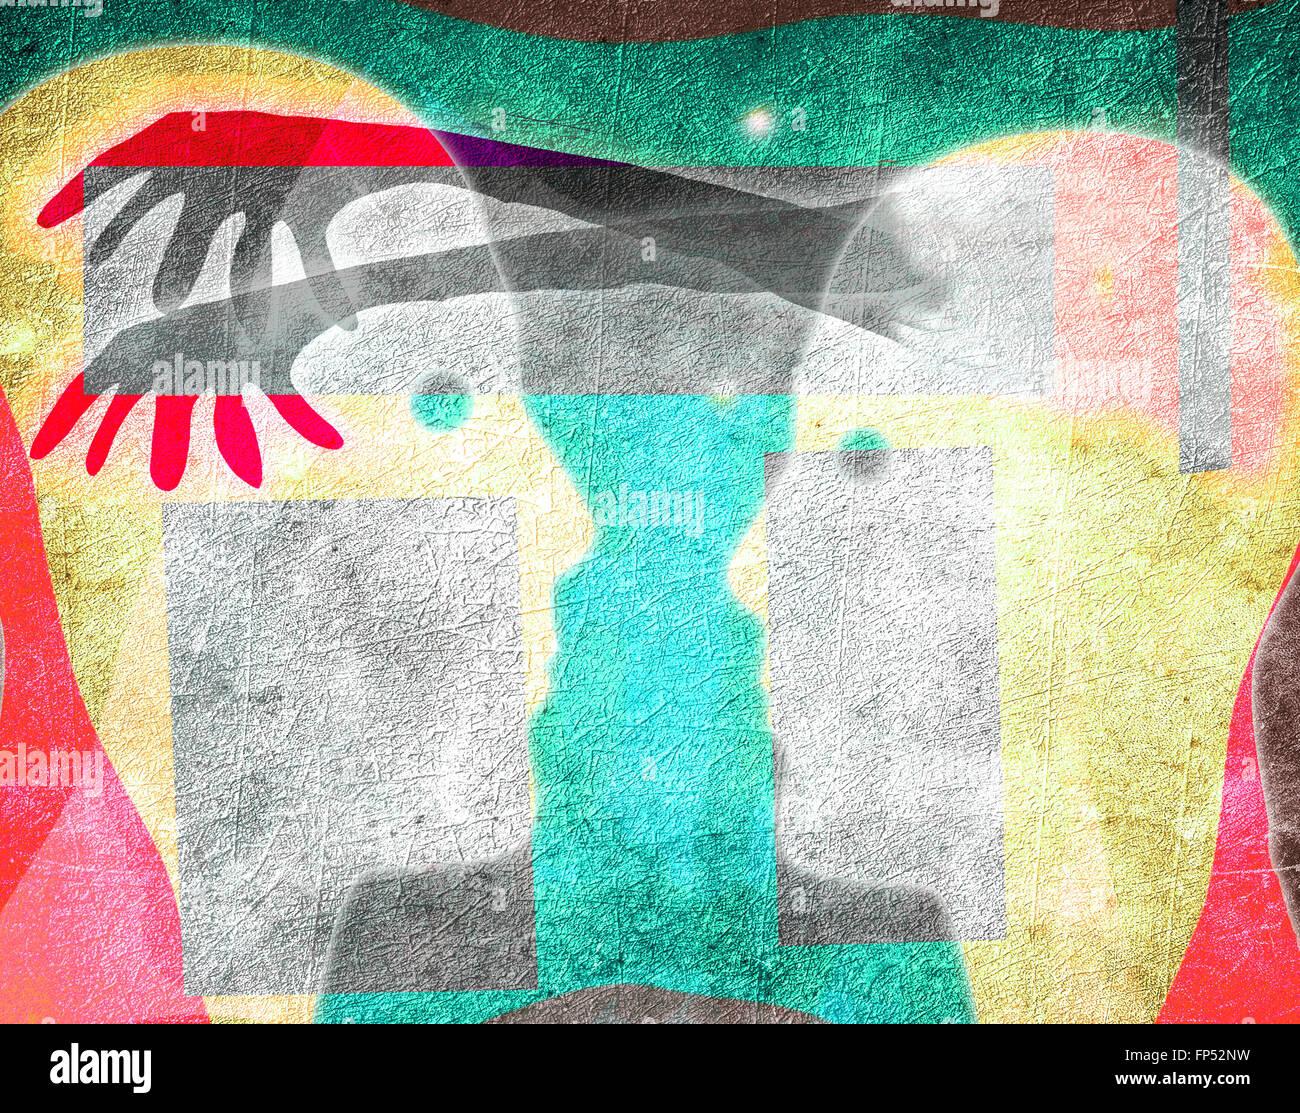 La manipulation de l'esprit concept illustration numérique Photo Stock